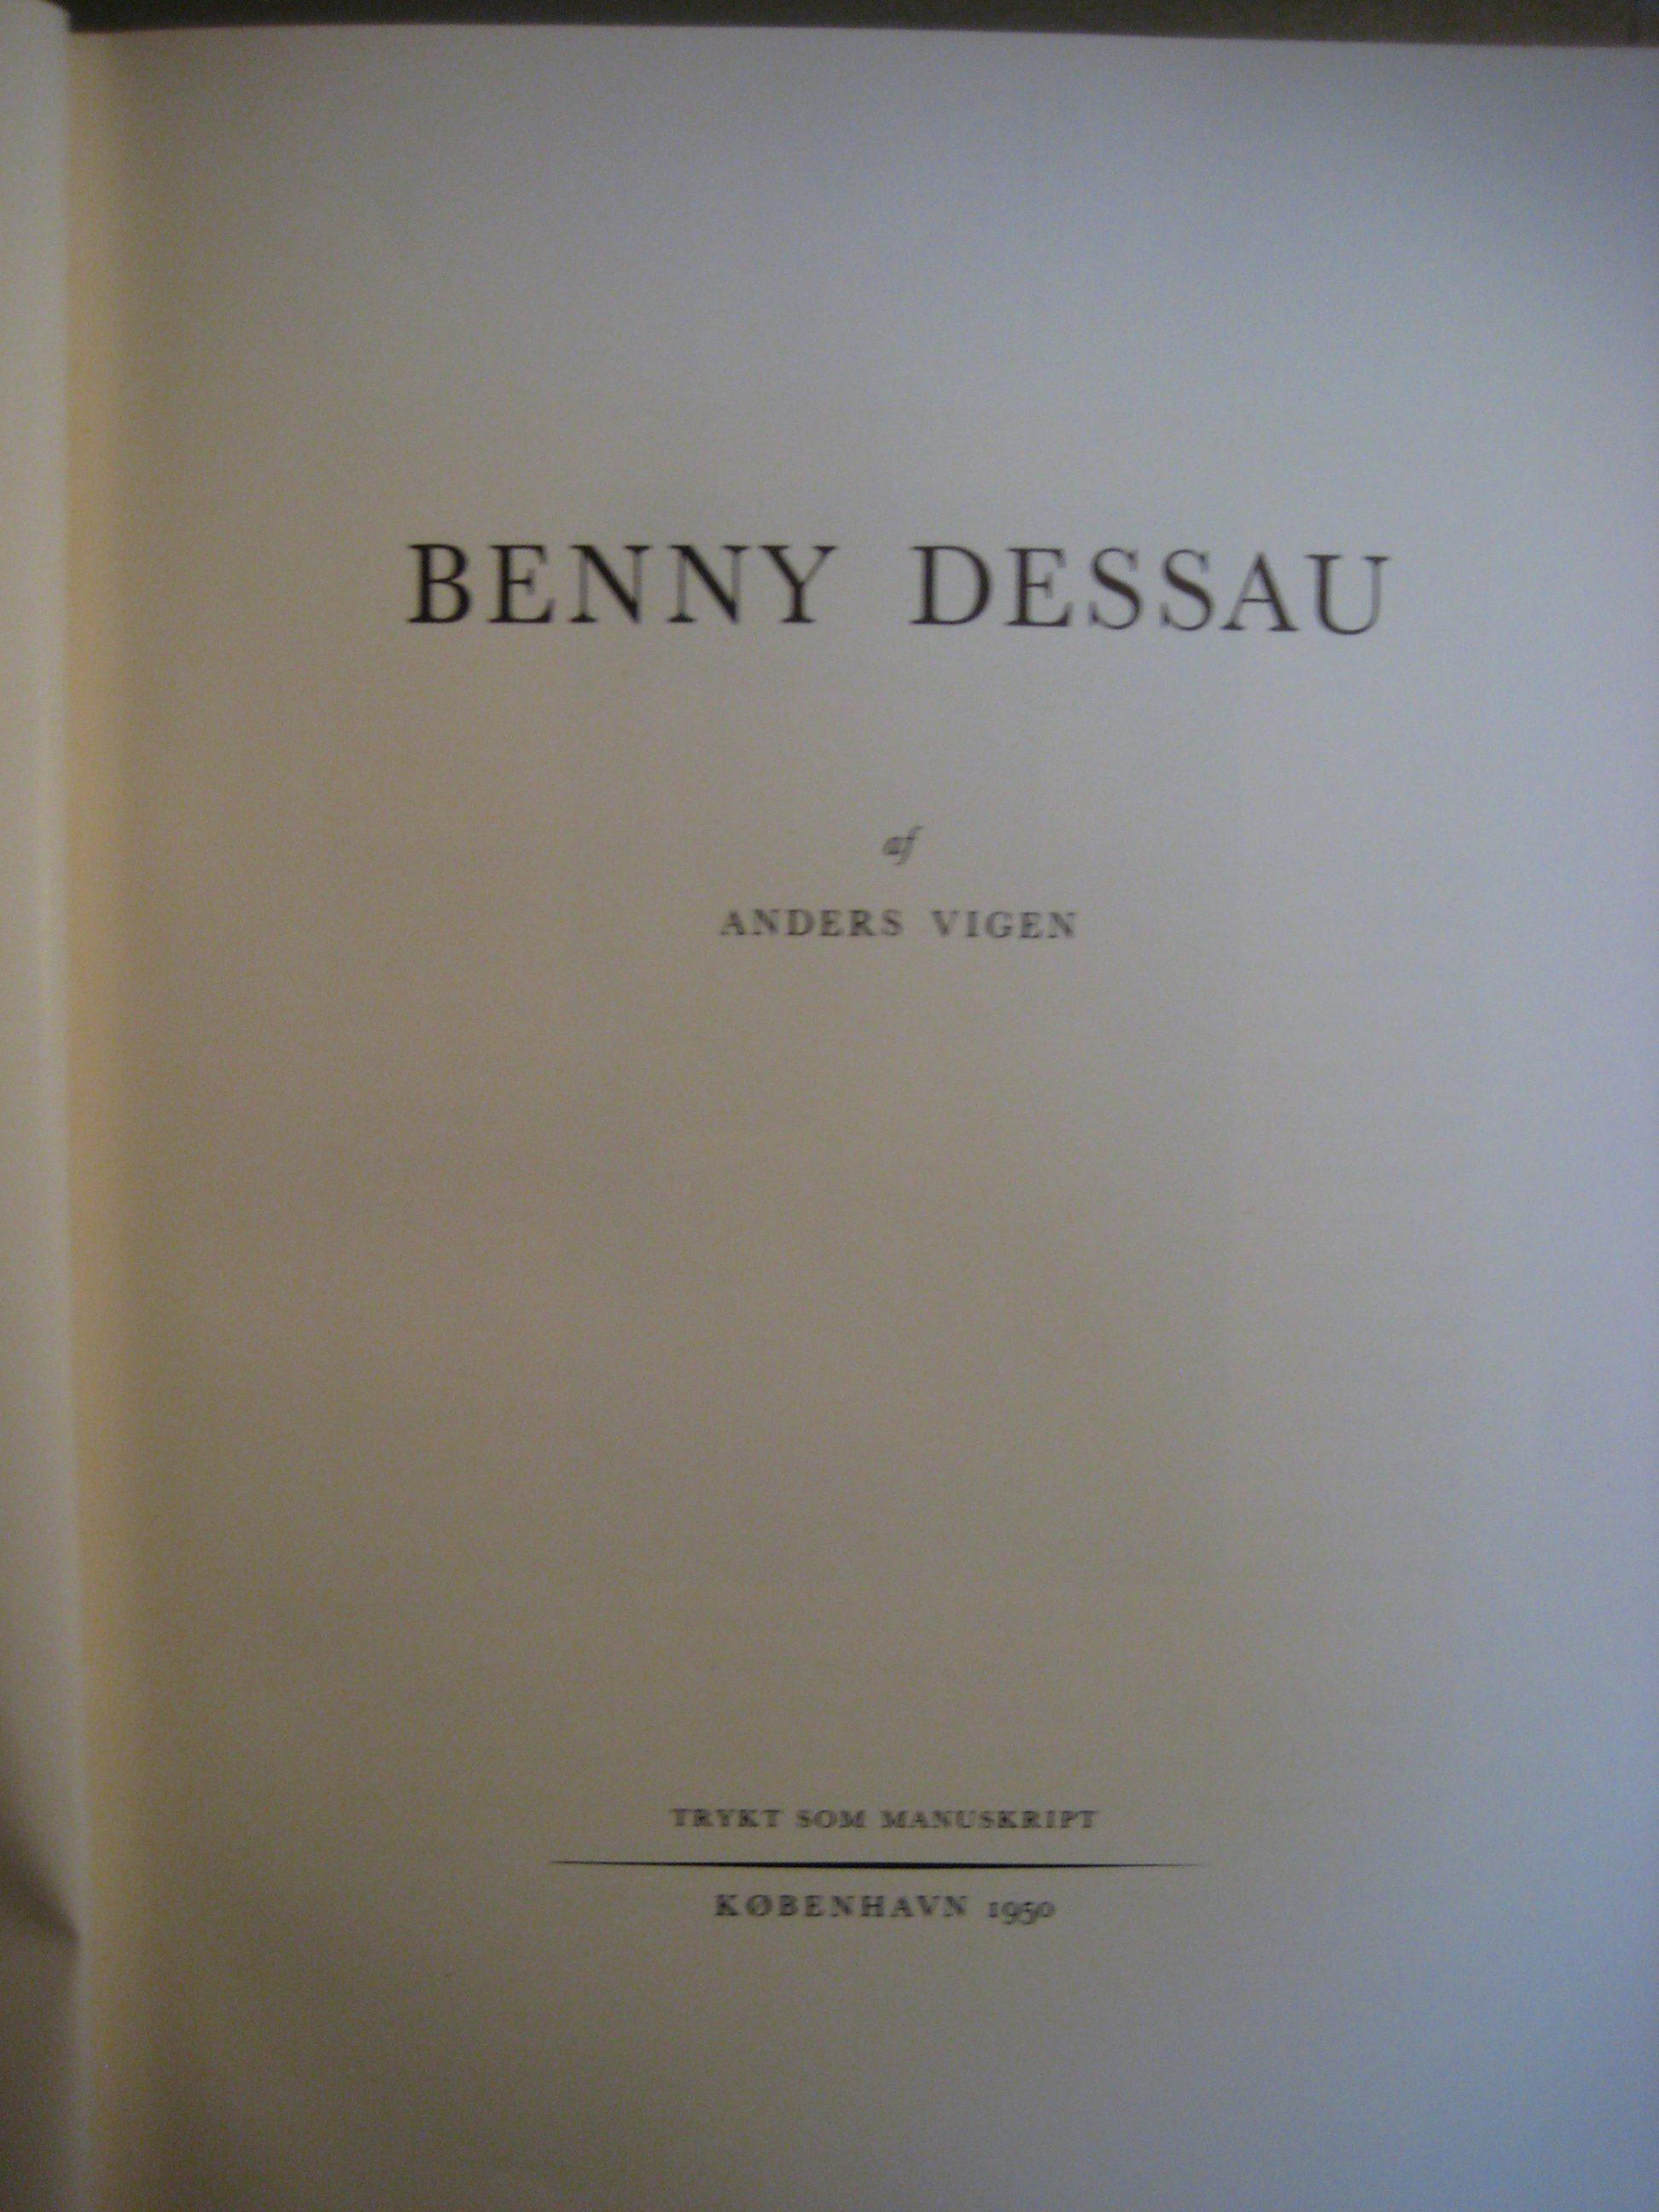 Benny Dessau